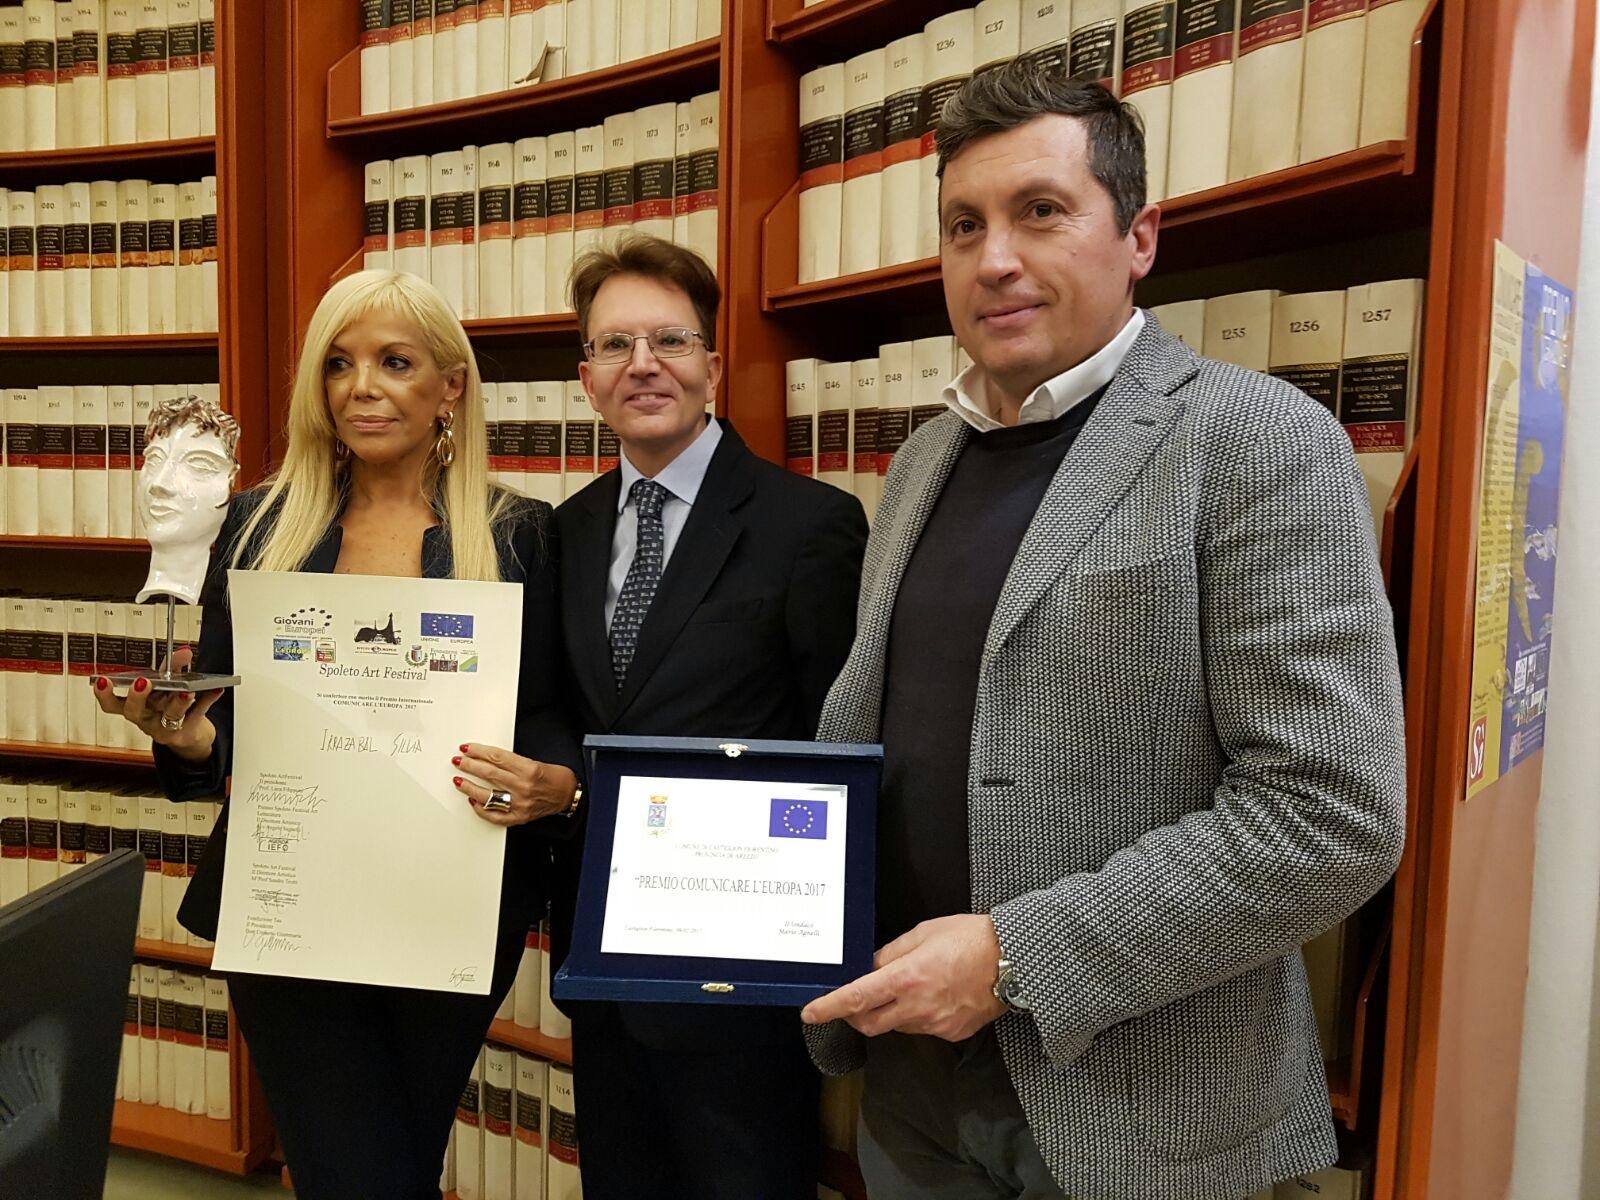 Amministratori castiglionesi presenti a 'Comunicare l'Europa'